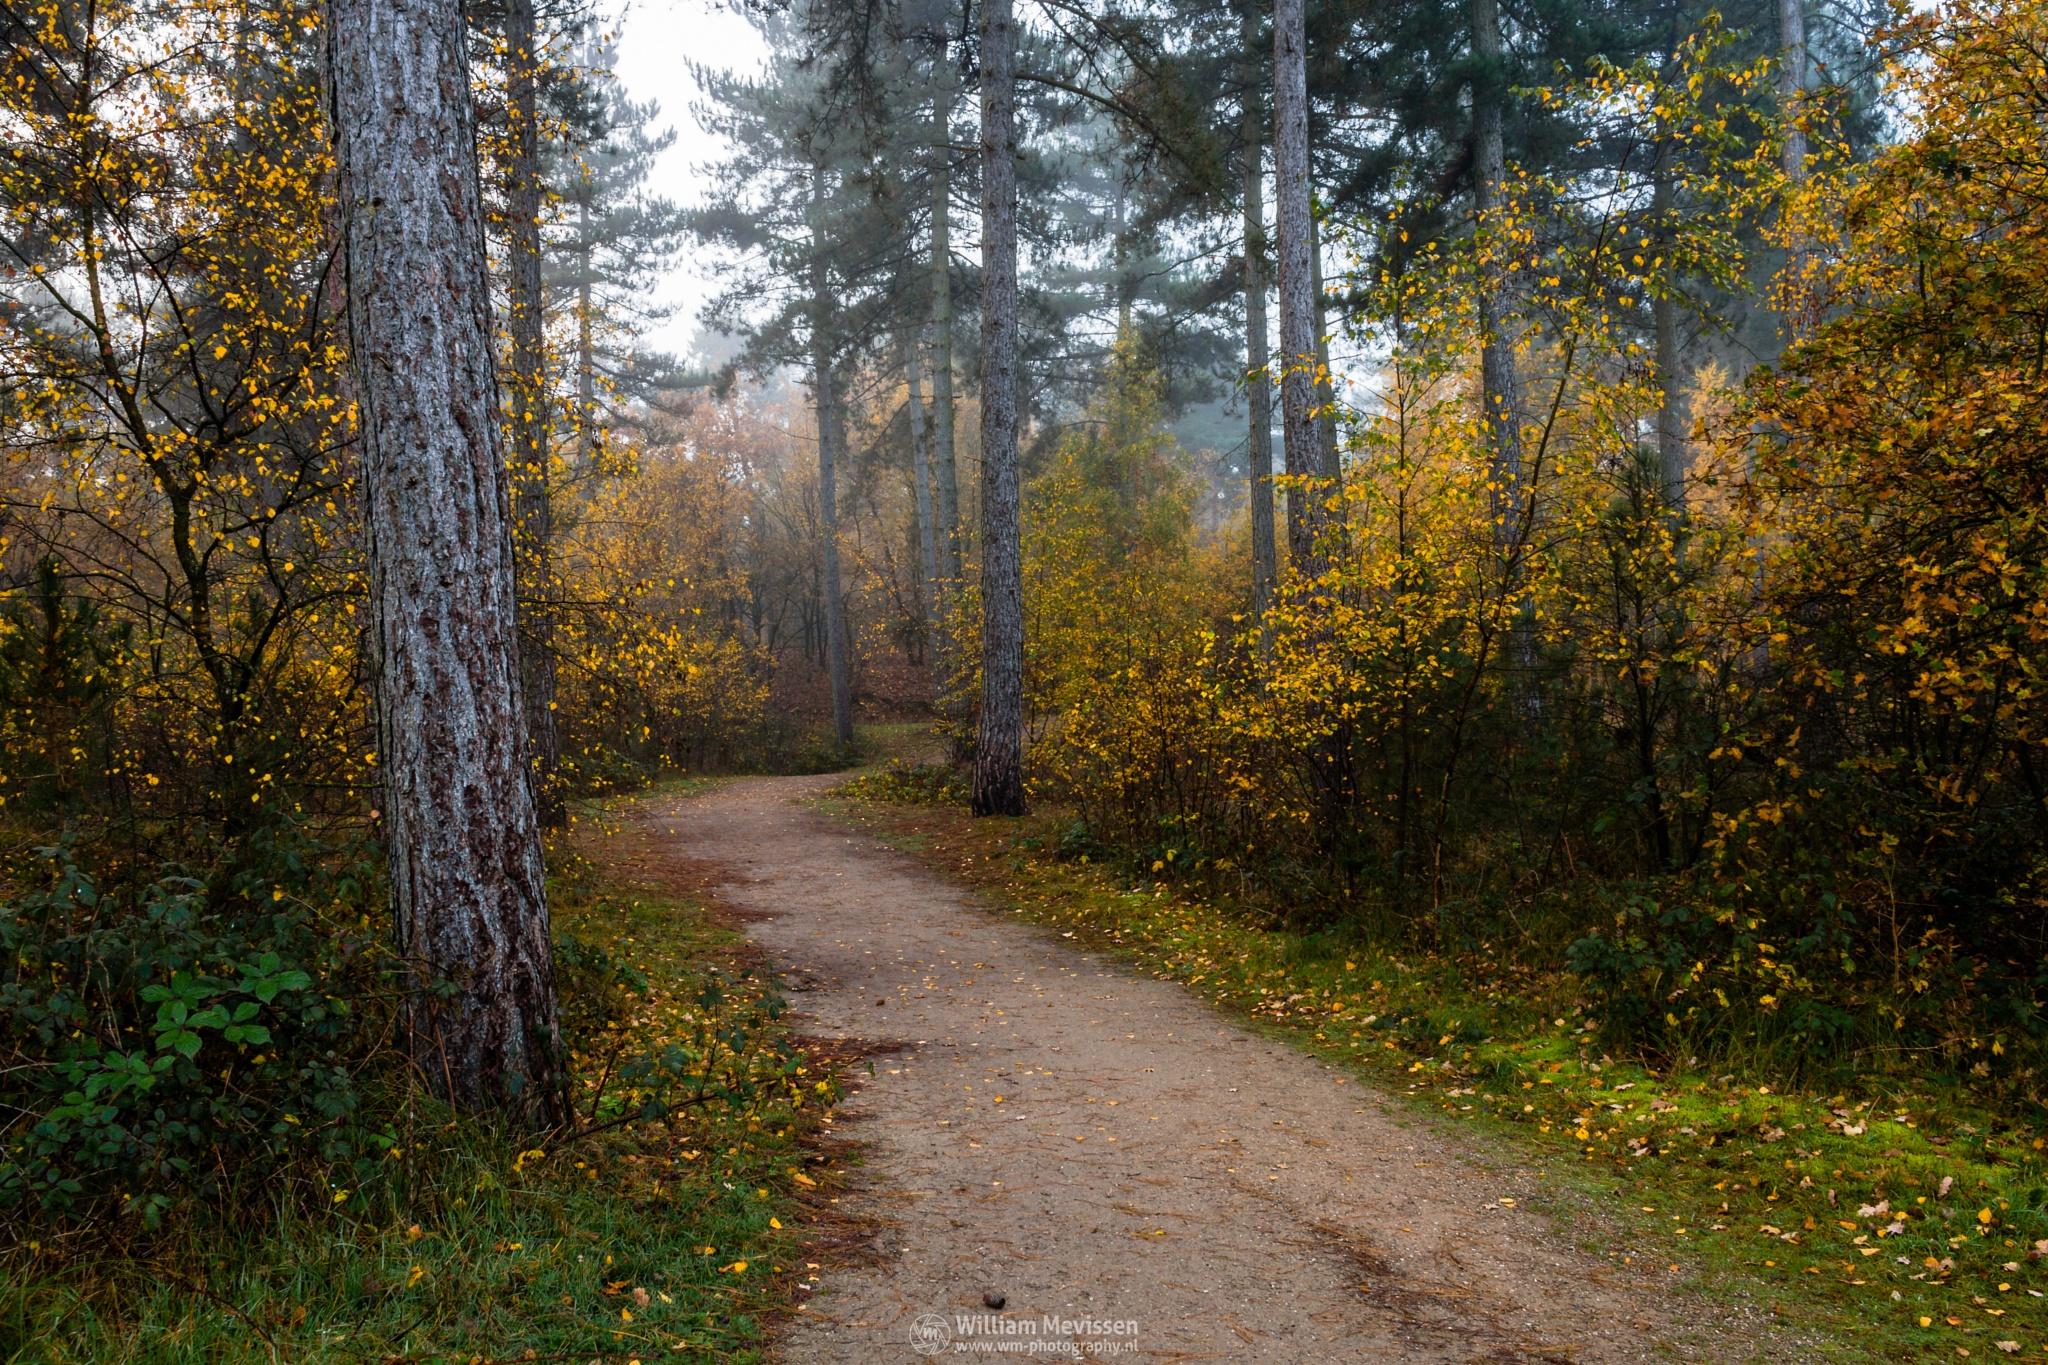 Autumn Forest Path by William Mevissen